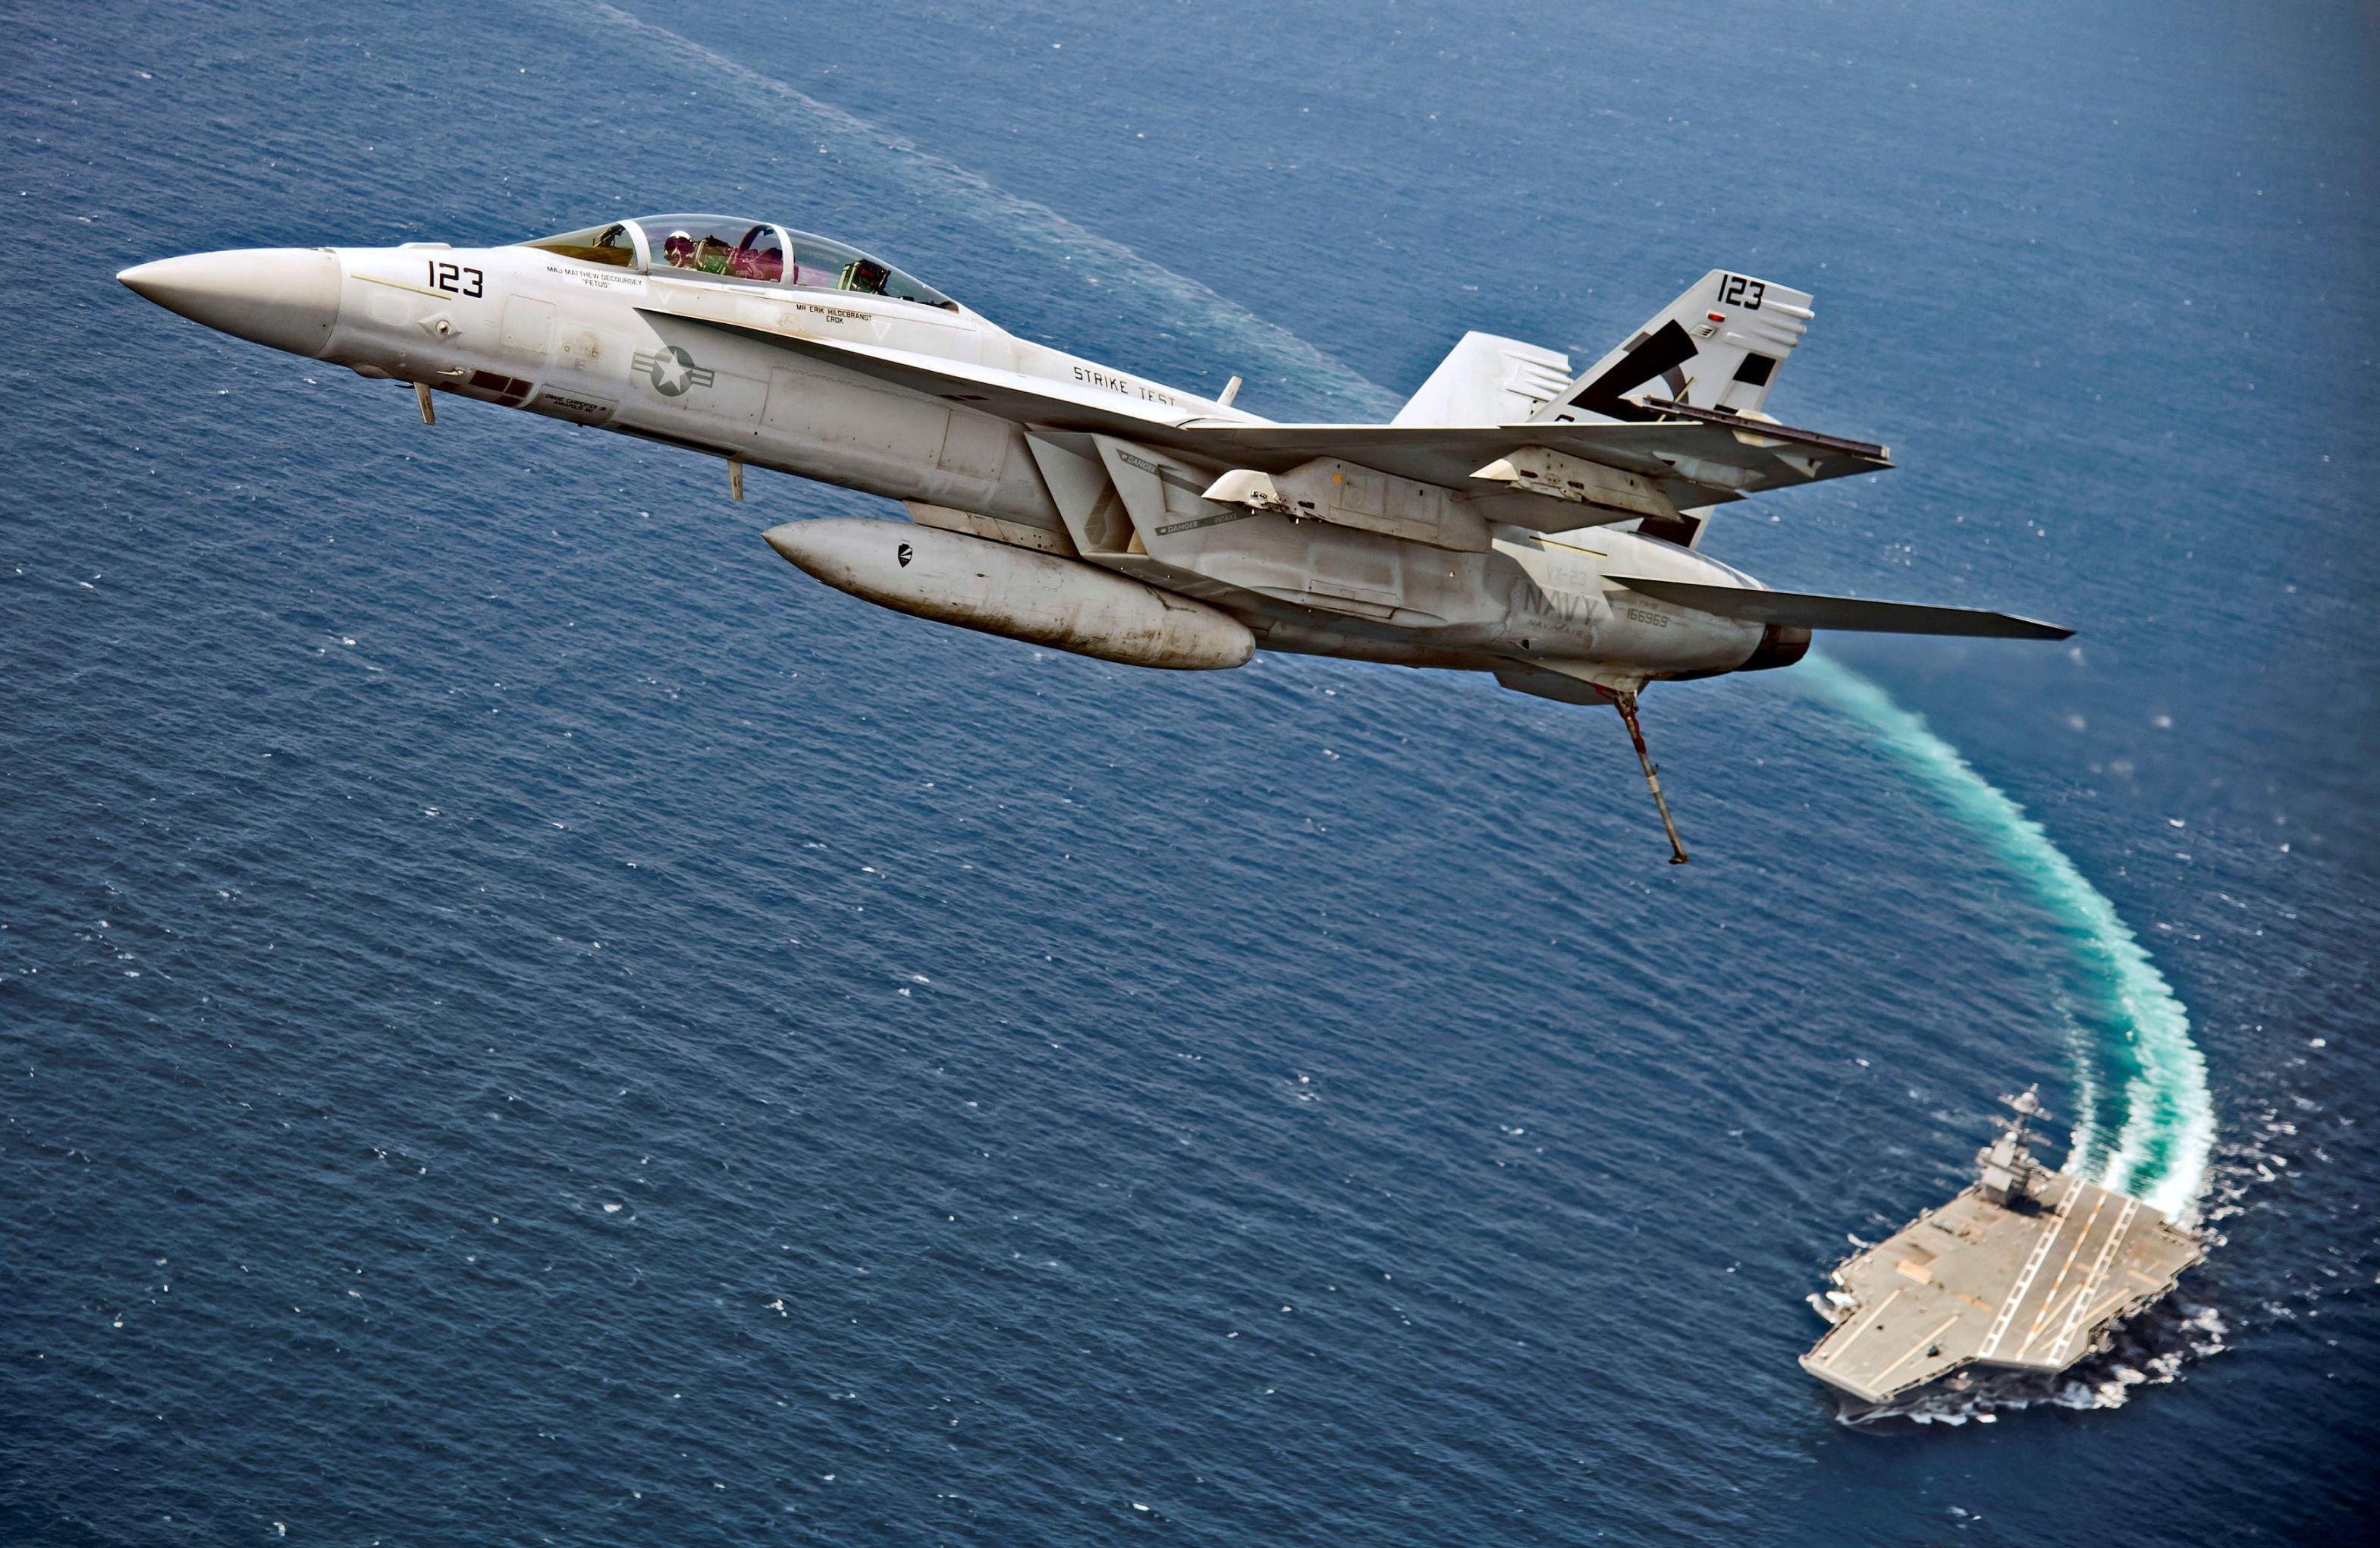 Caça-bombardeiro americano F/A-18F Super Hornet sobrevoa porta-aviões da Marinha dos EUA, USS Gerald R. Ford, no Atlântico